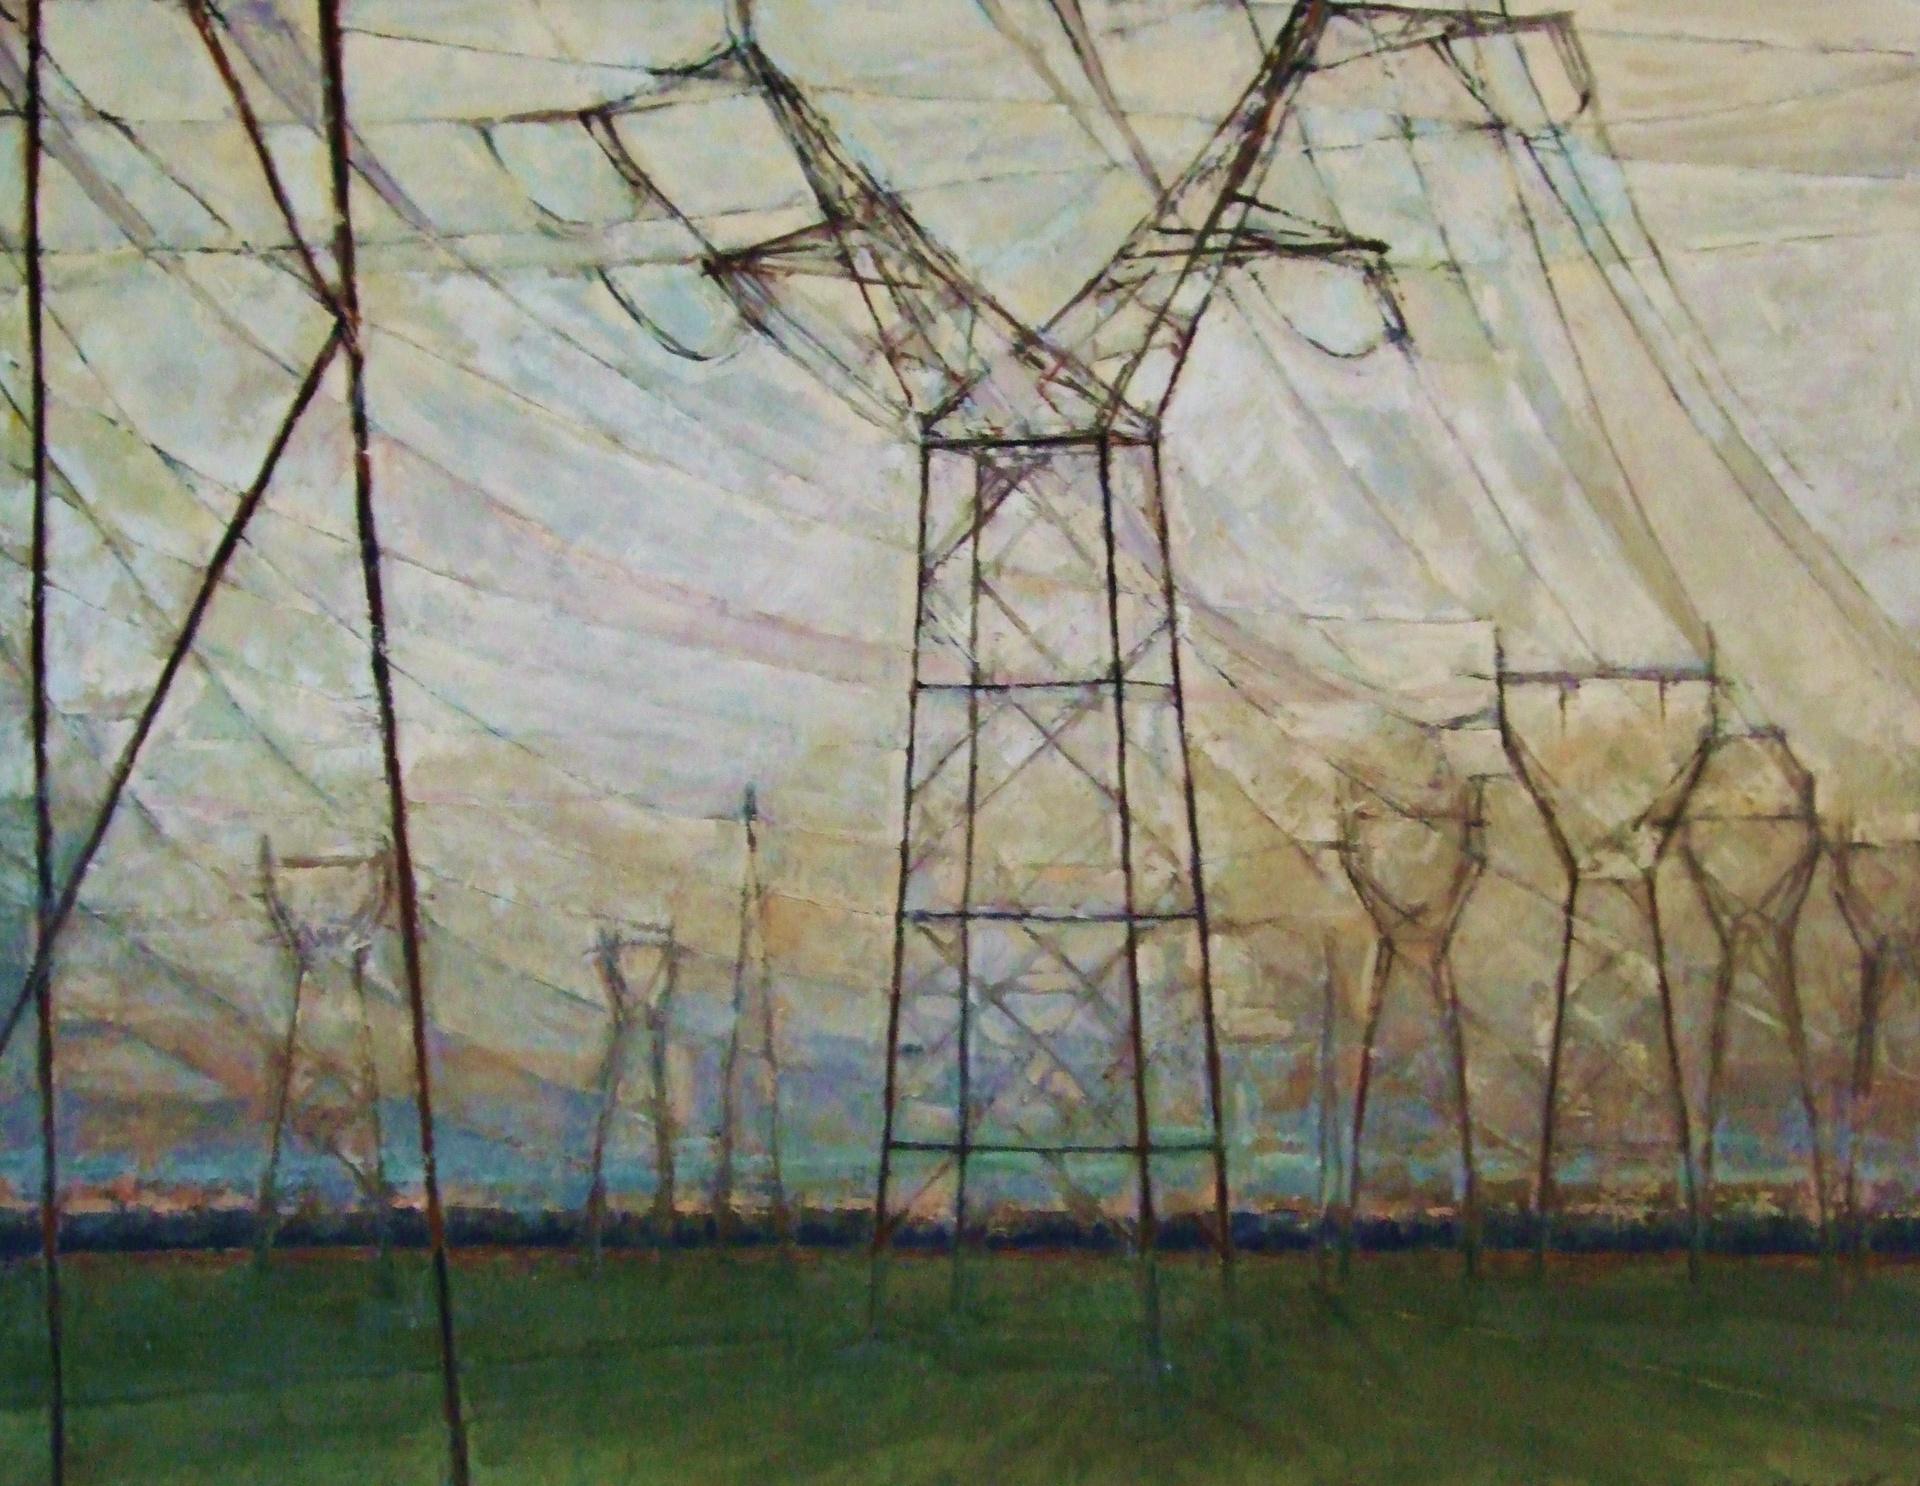 Pylons.